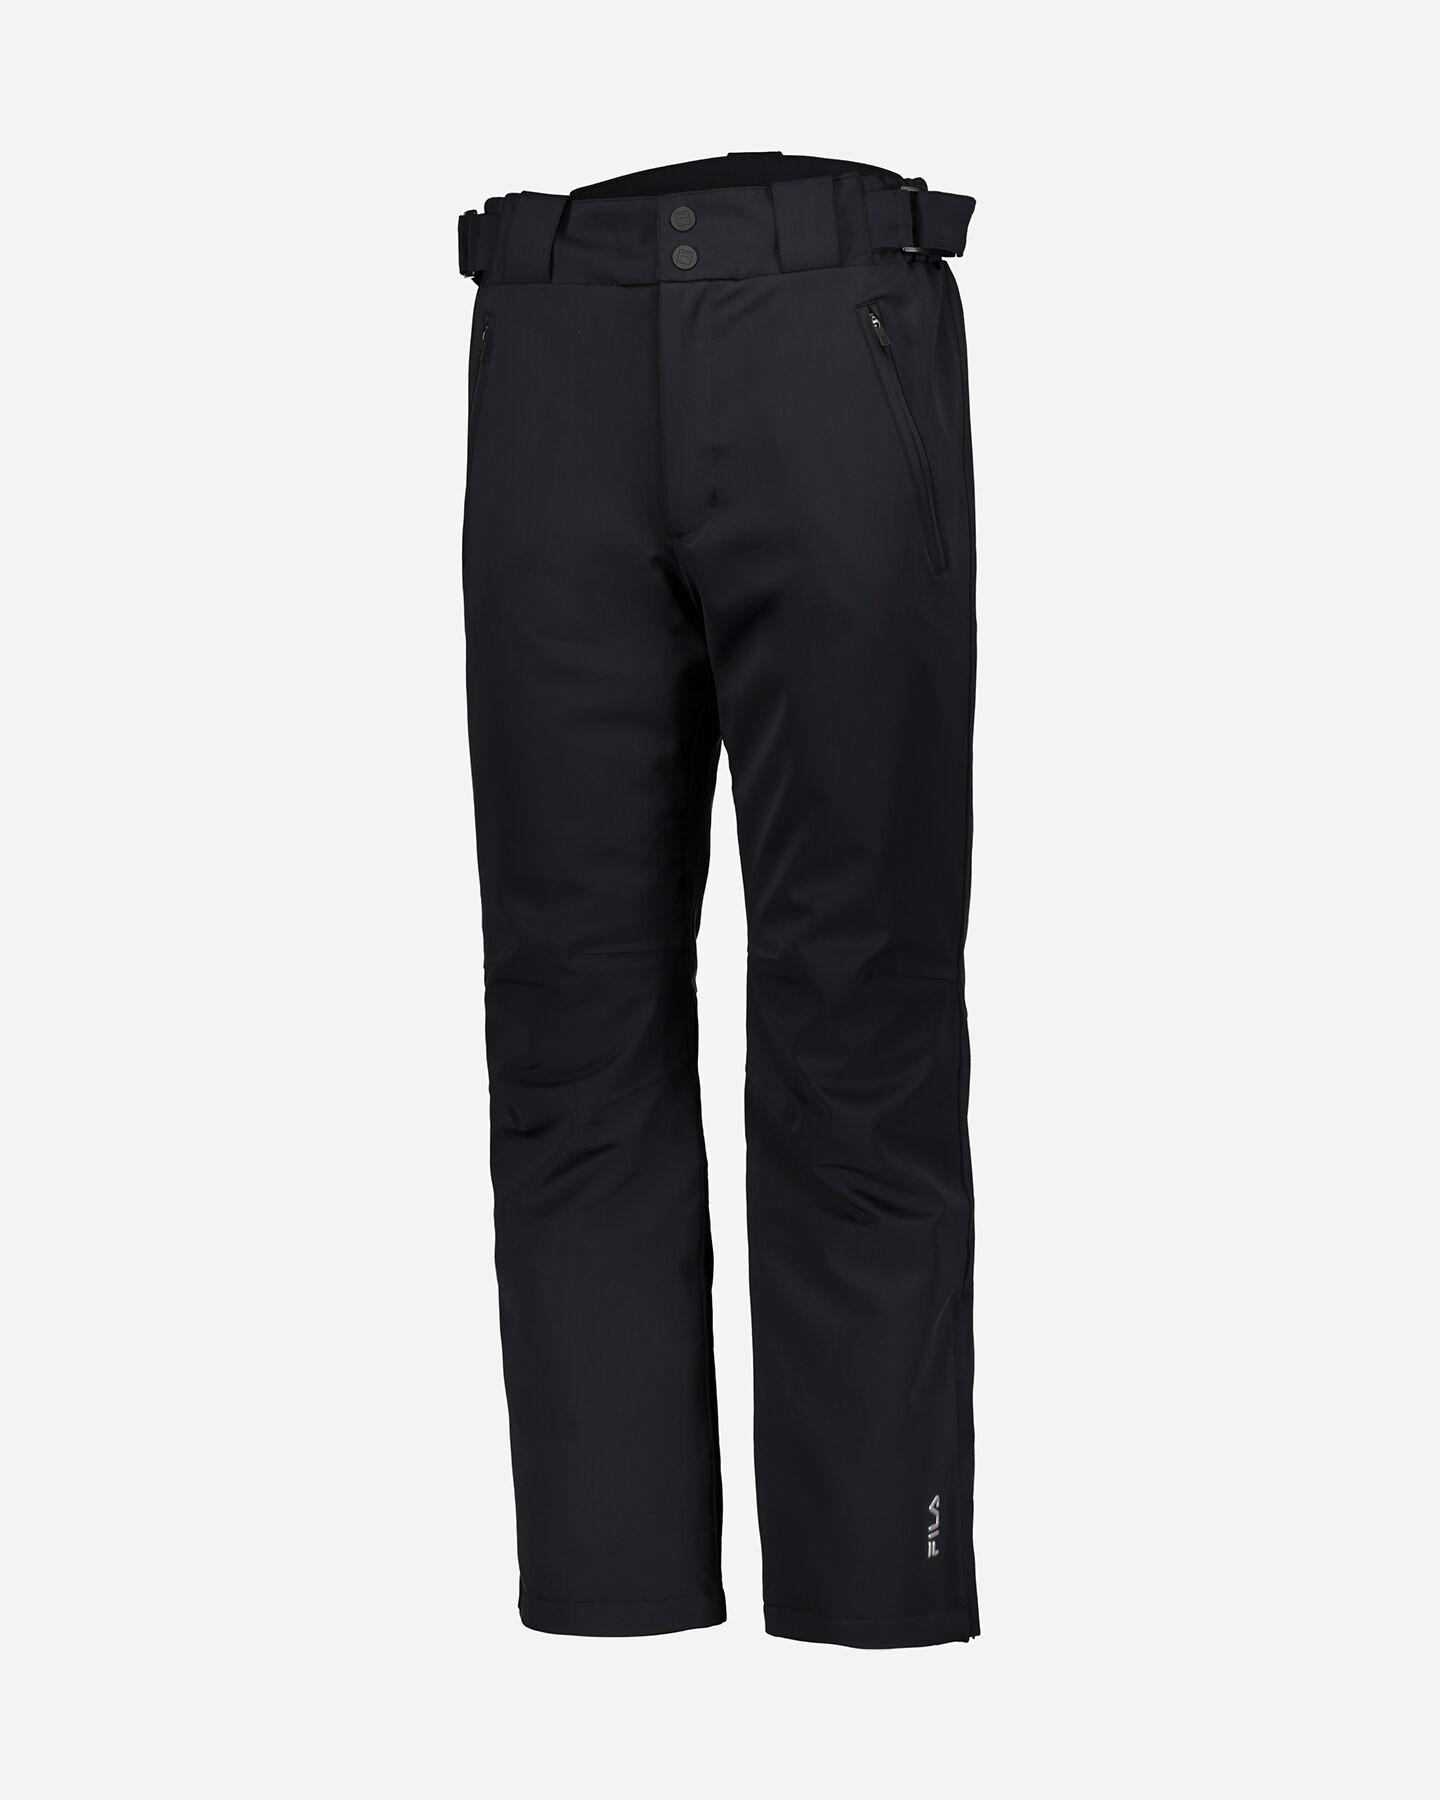 Pantalone sci FILA SKI TOP M S4058825 scatto 4